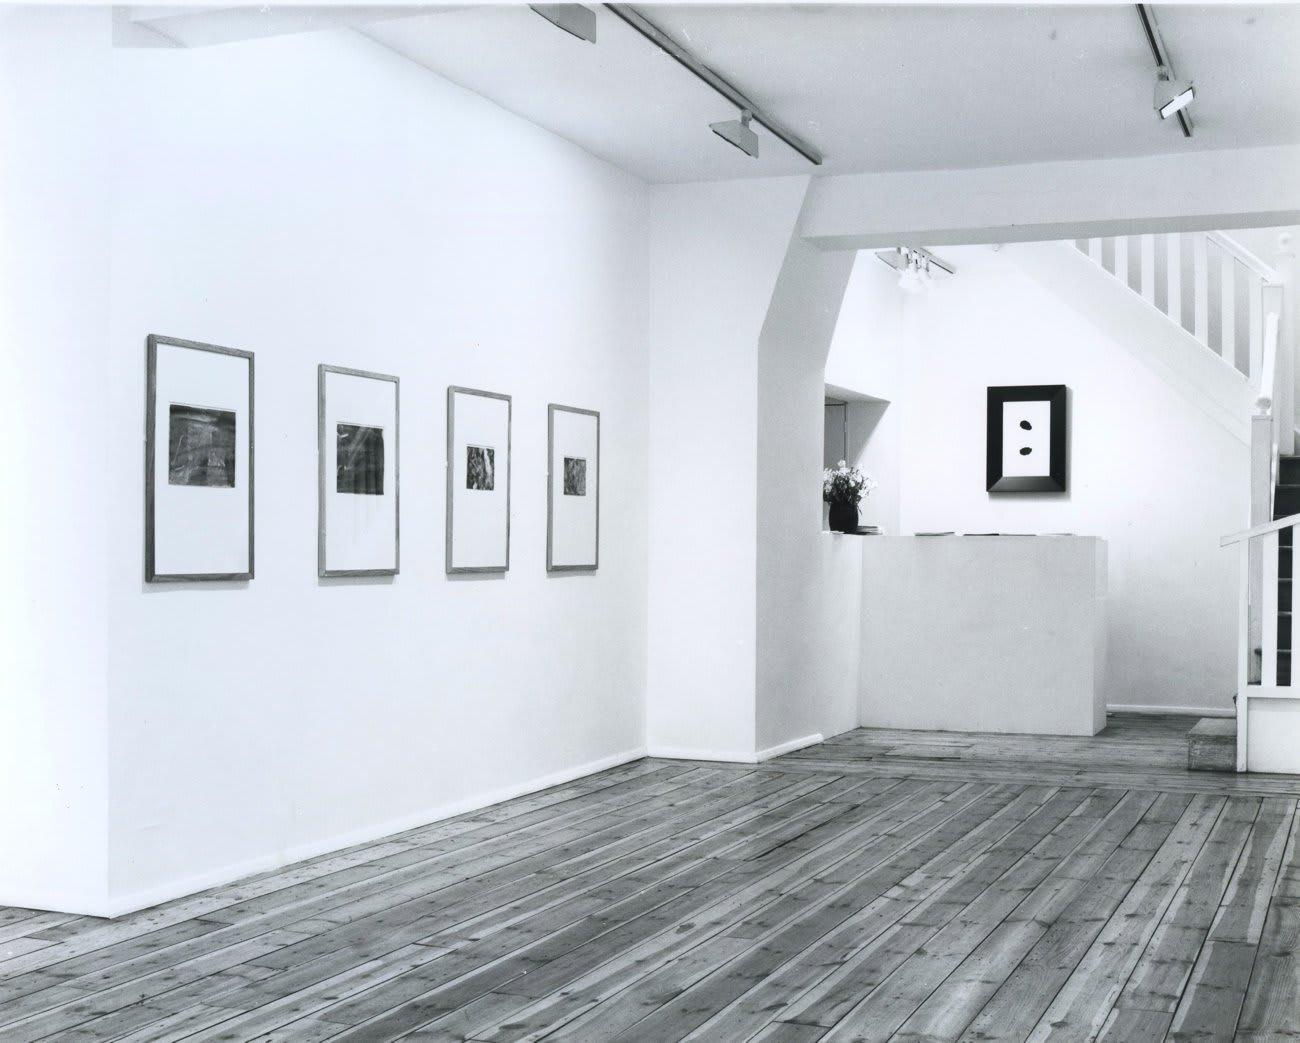 Gerhard Richter: Works on Paper, installation view, June 1987